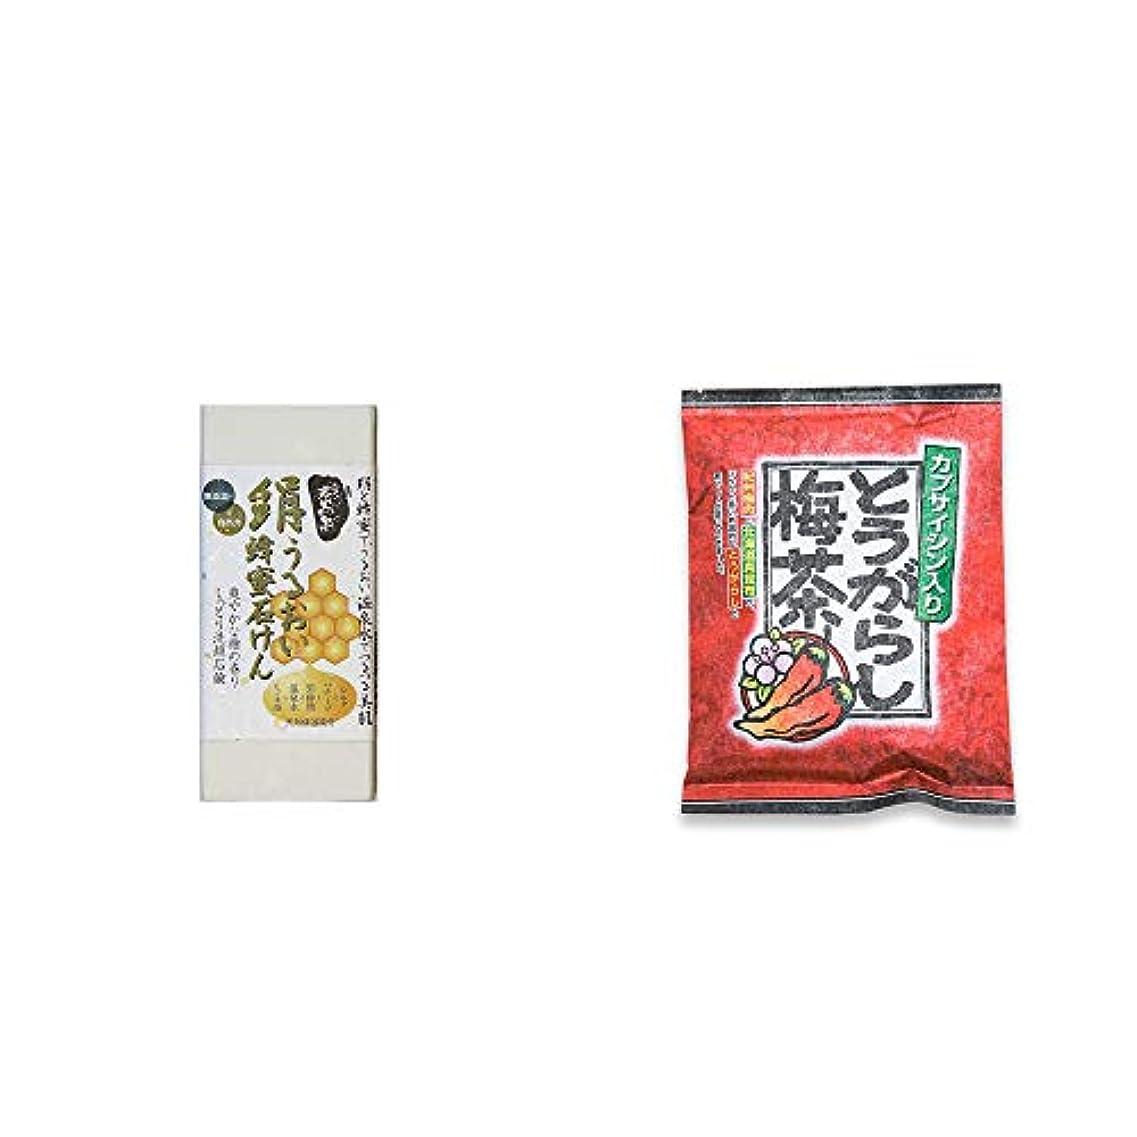 専門知識偏差パイル[2点セット] ひのき炭黒泉 絹うるおい蜂蜜石けん(75g×2)?とうがらし梅茶(24袋)